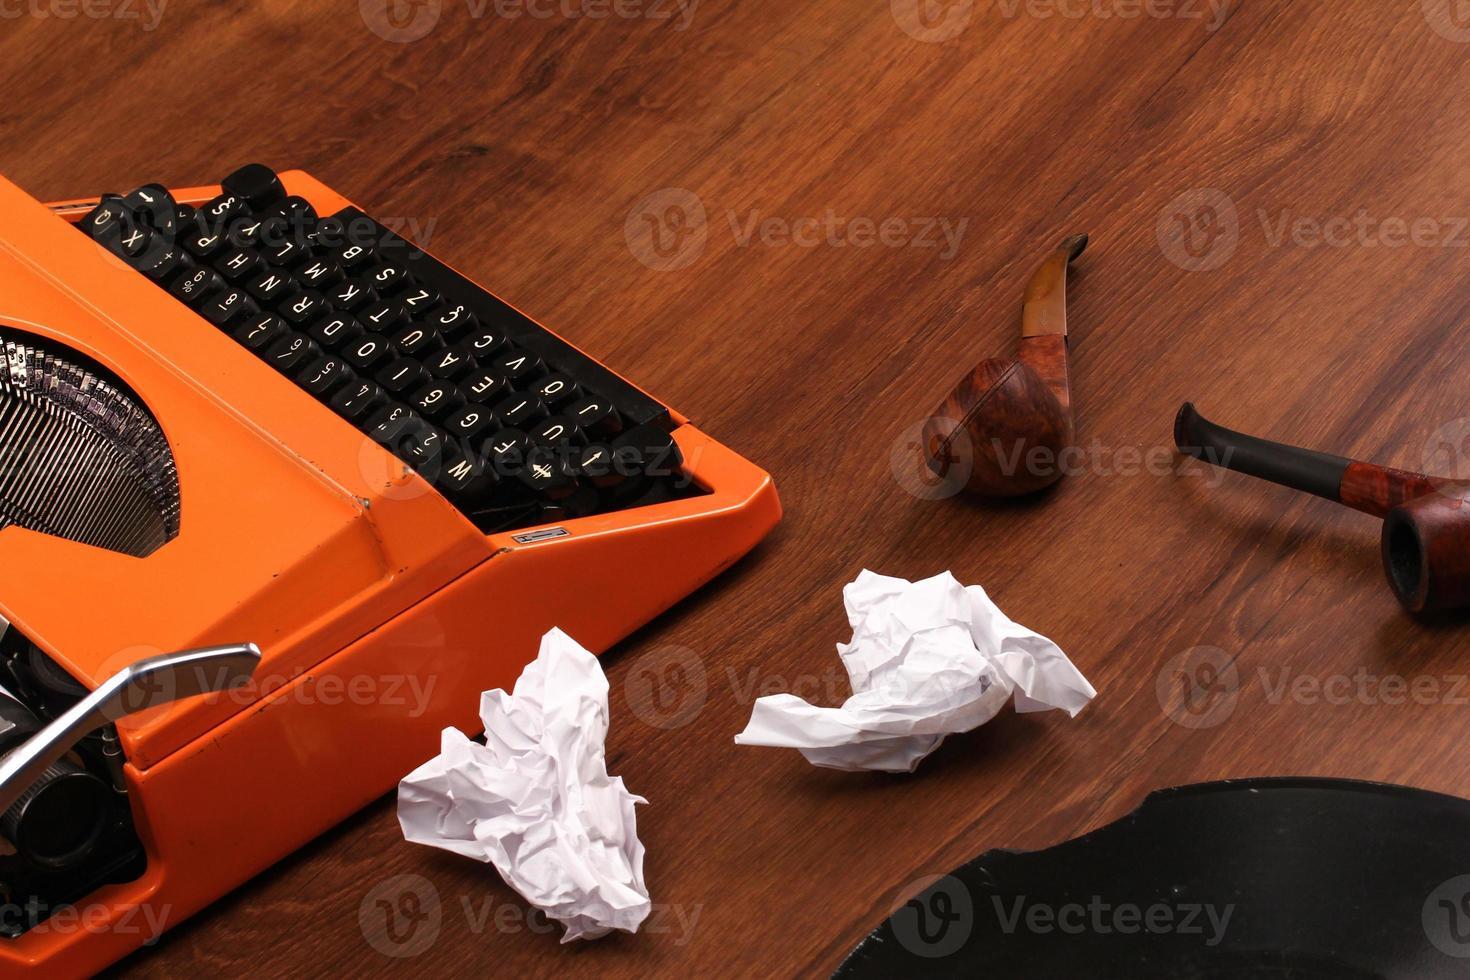 de oranje vintage typemachine op het hout foto